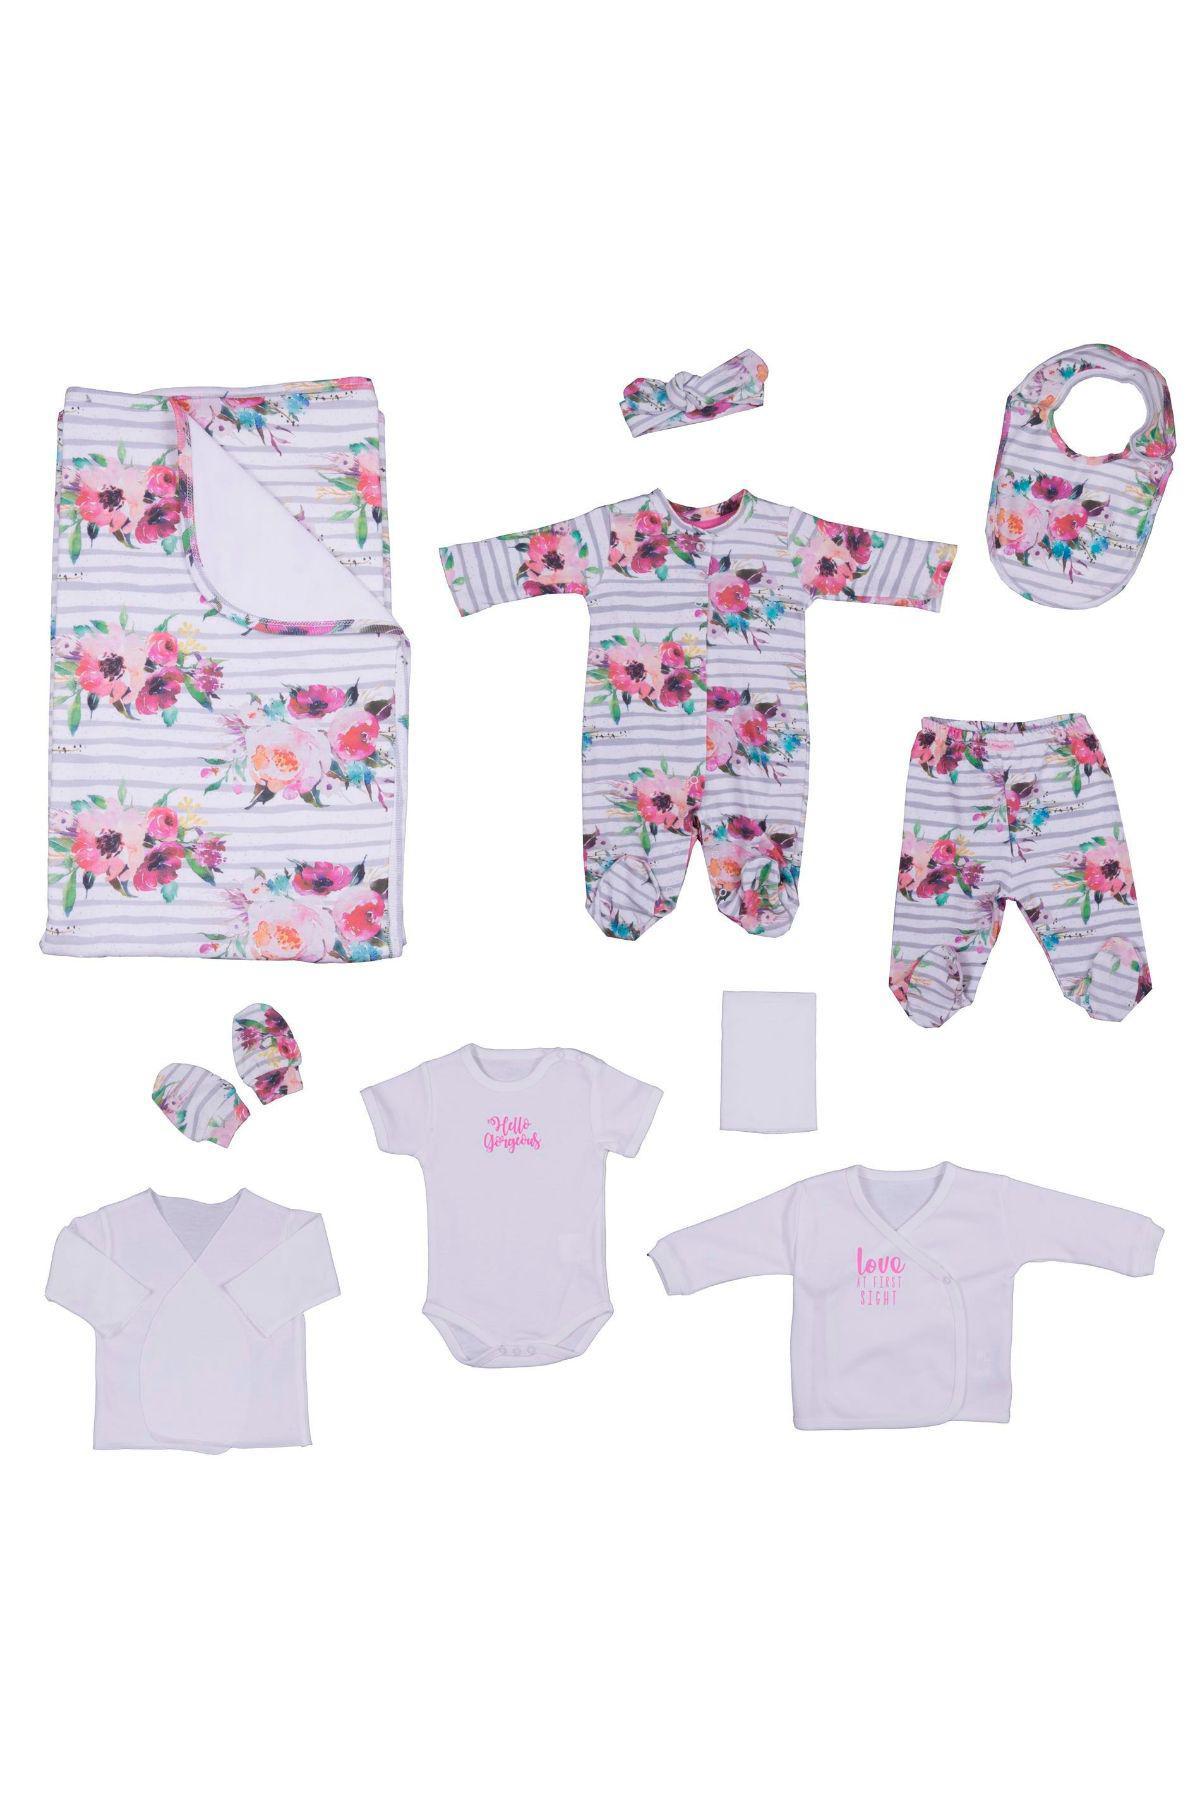 Bebepan 2025 БЕЛЫЙ Одежда Для Новорожденных